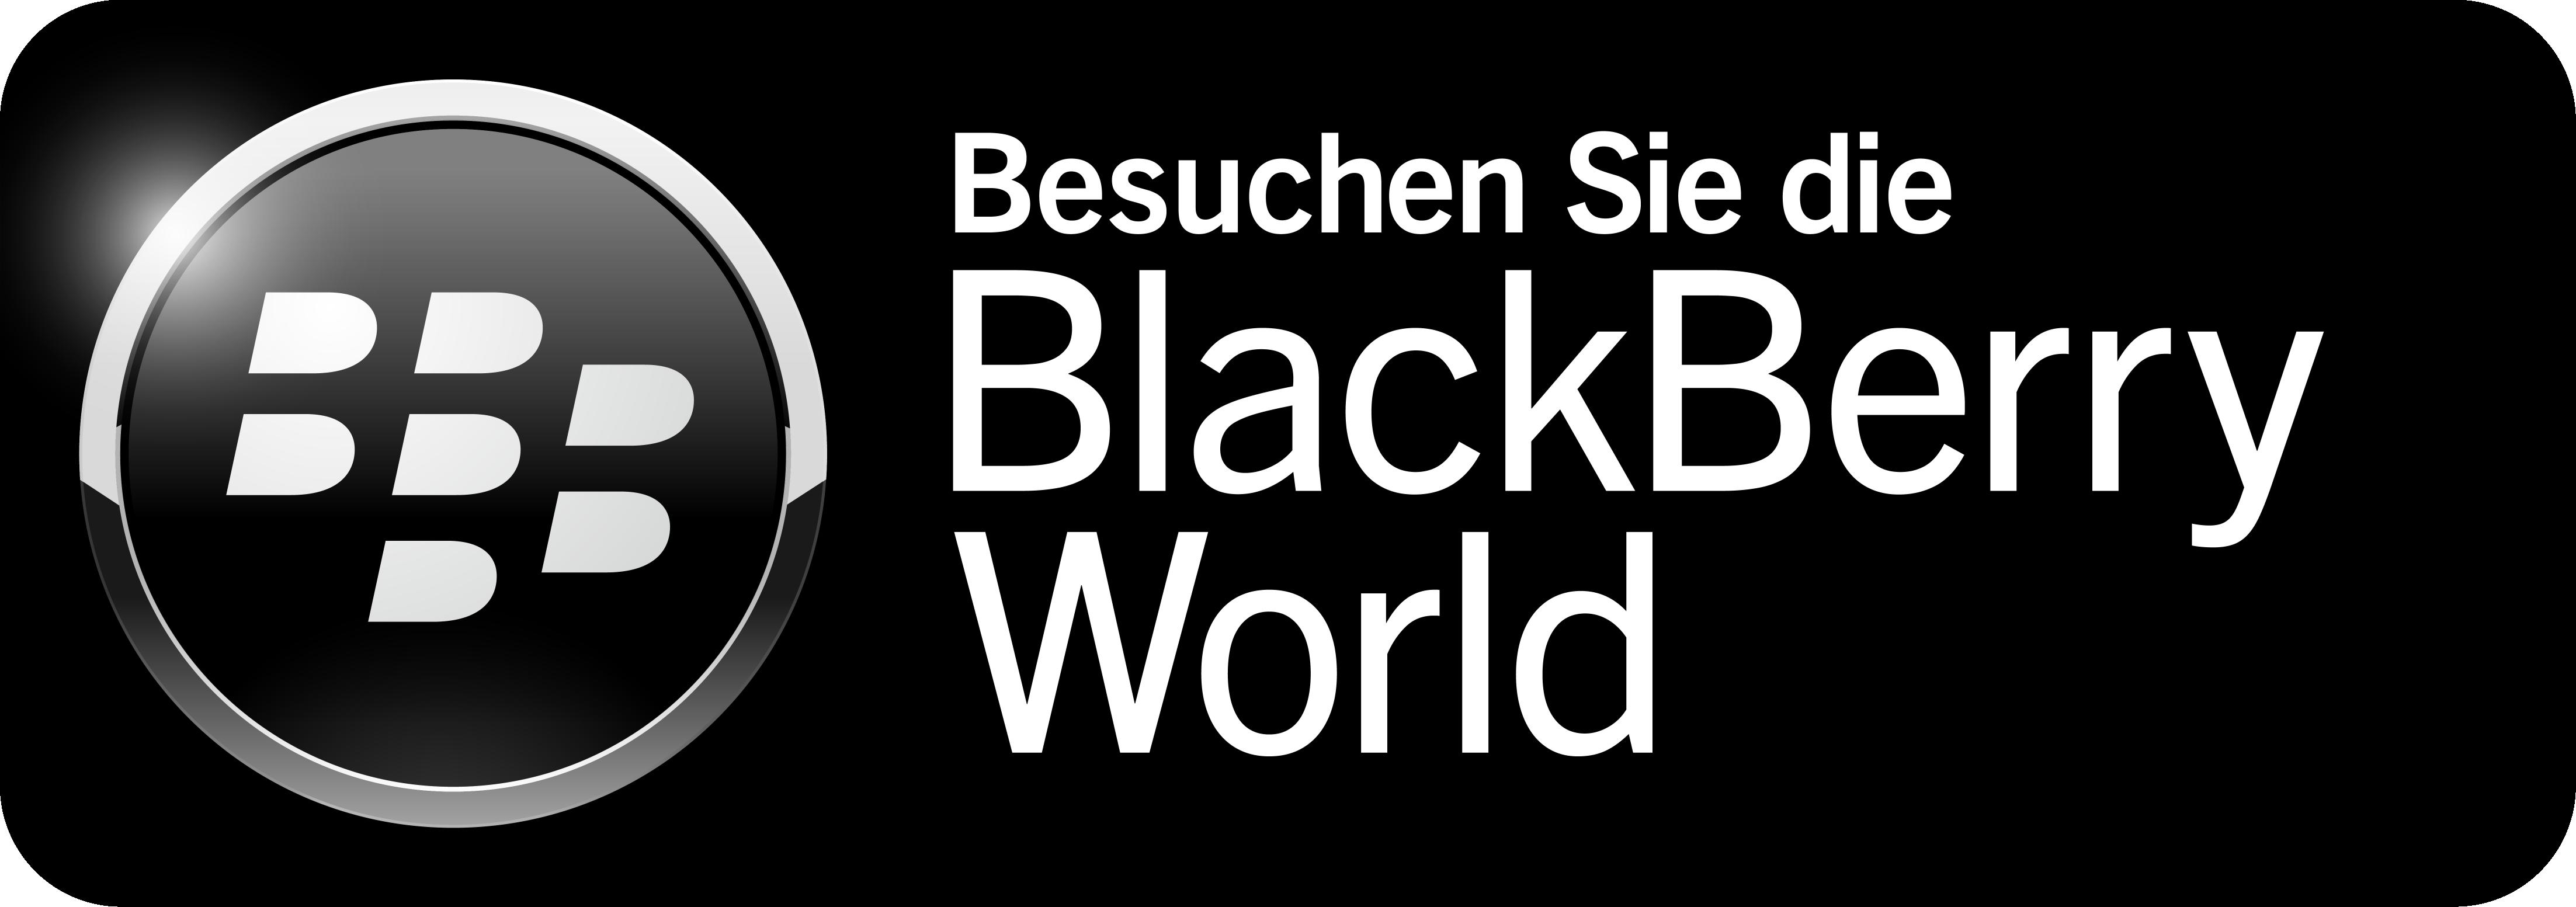 BlackBerry World besuchen